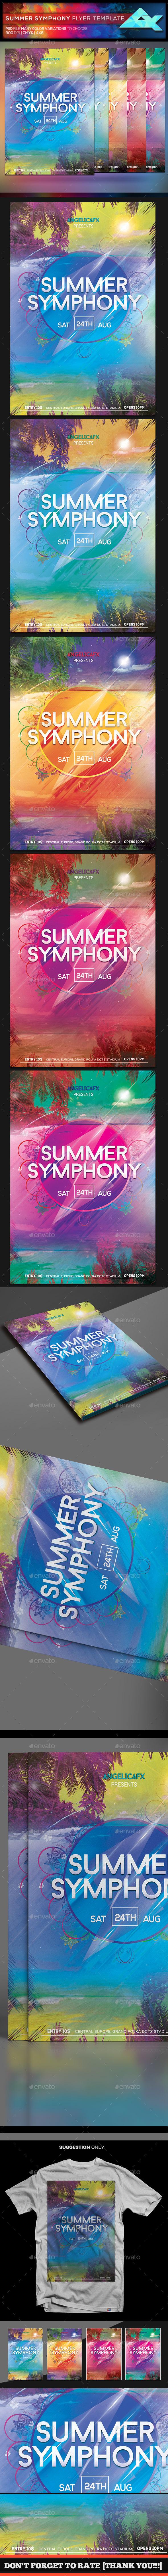 Summer Symphony Flyer Template - Flyers Print Templates